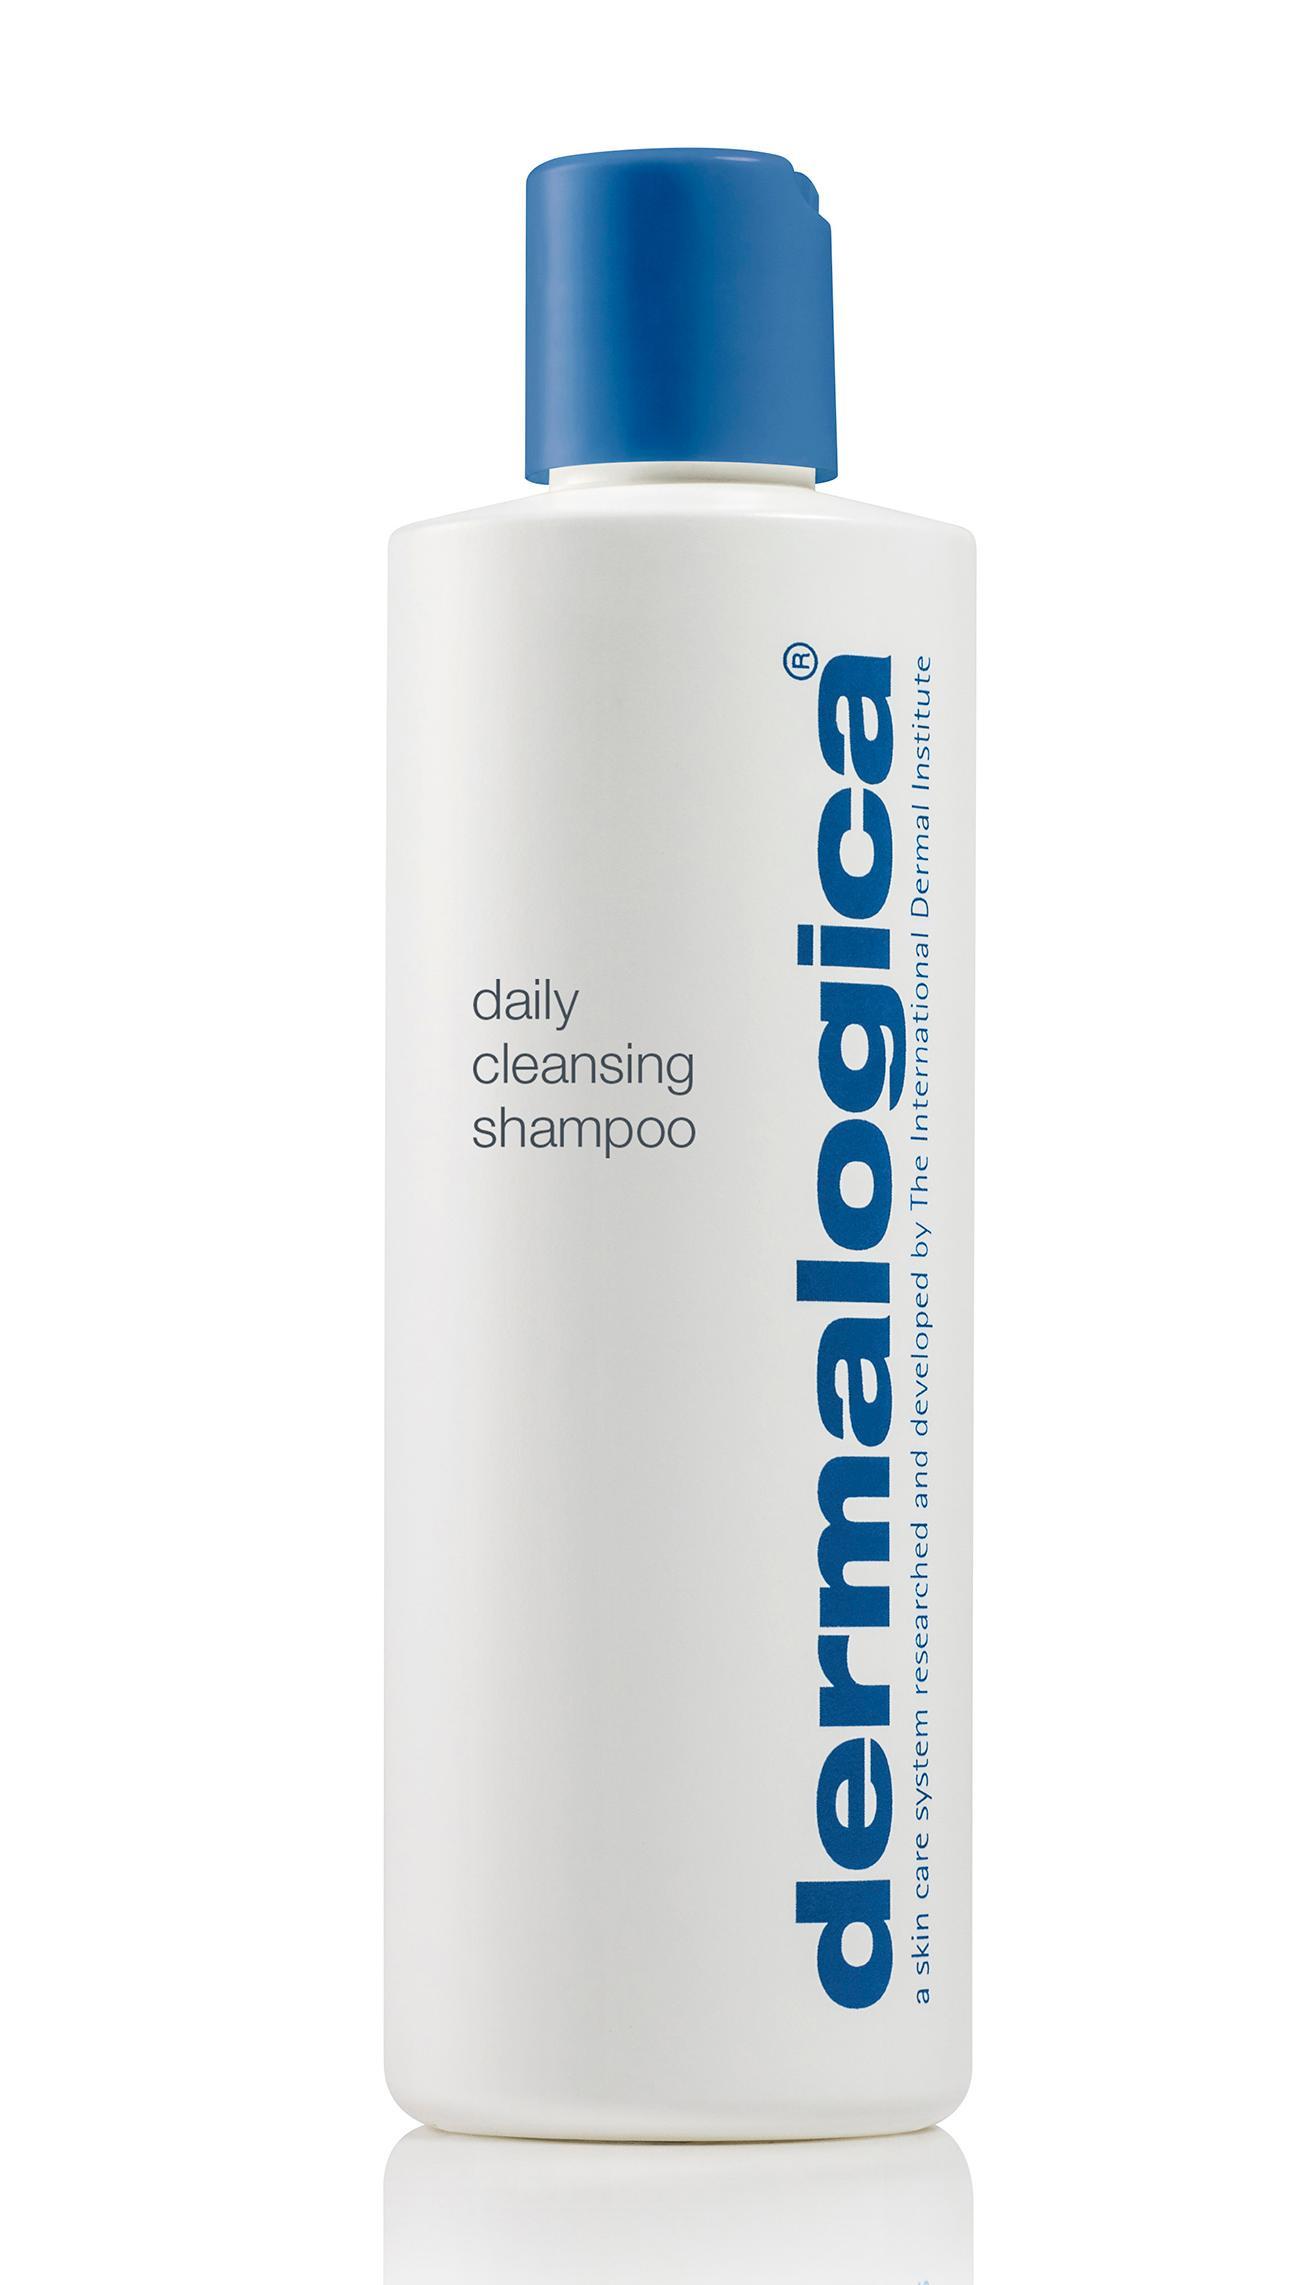 DERMALOGICA Шампунь ежедневный для здоровья волос / Daily Cleansing Shampoo 250 мл